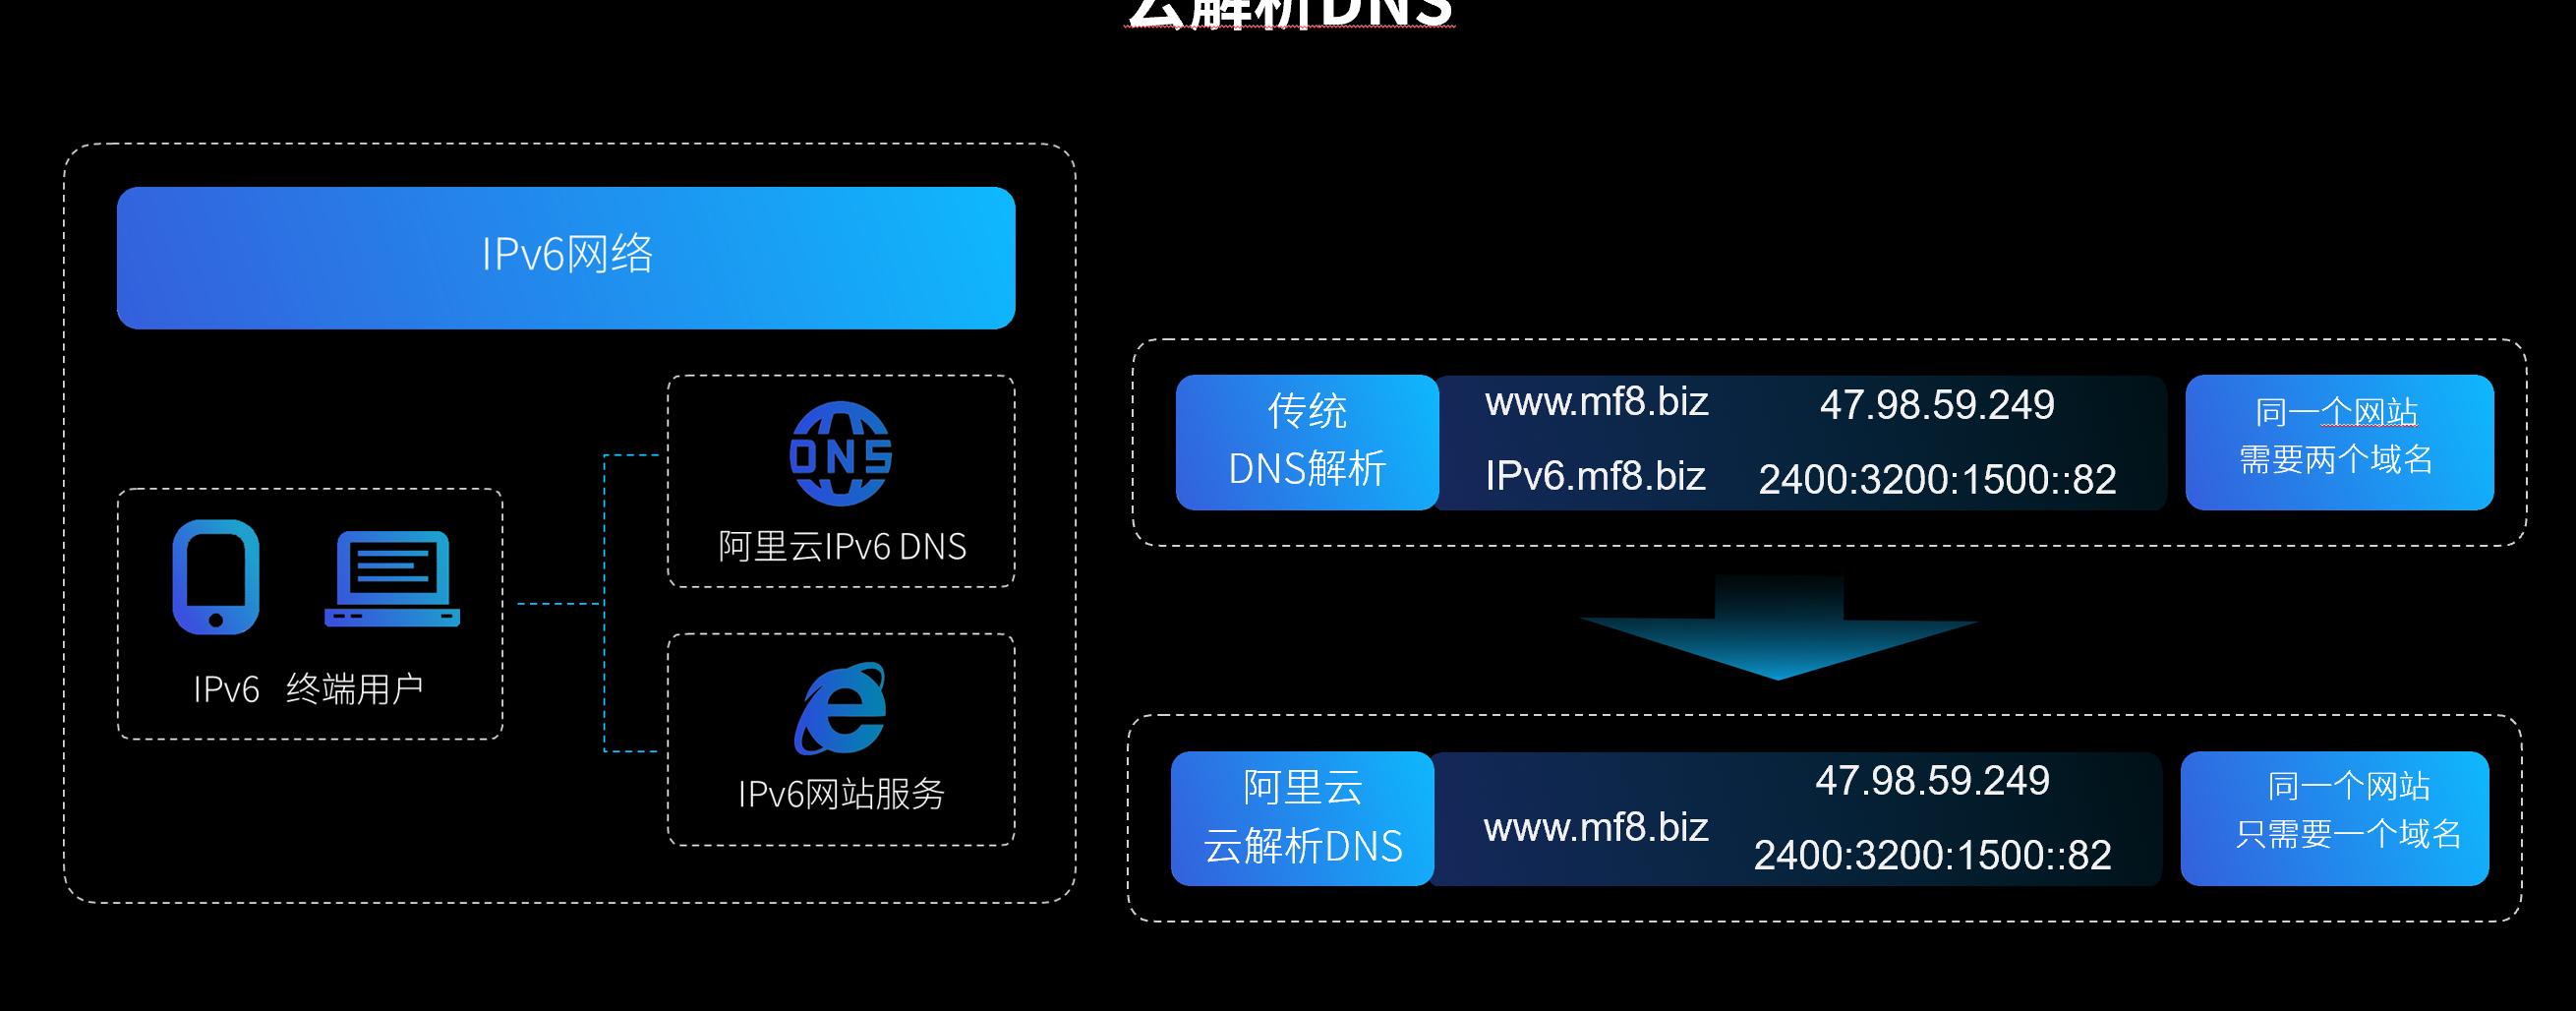 使用IPV6转换服务实现网站的双栈访问-米饭粑